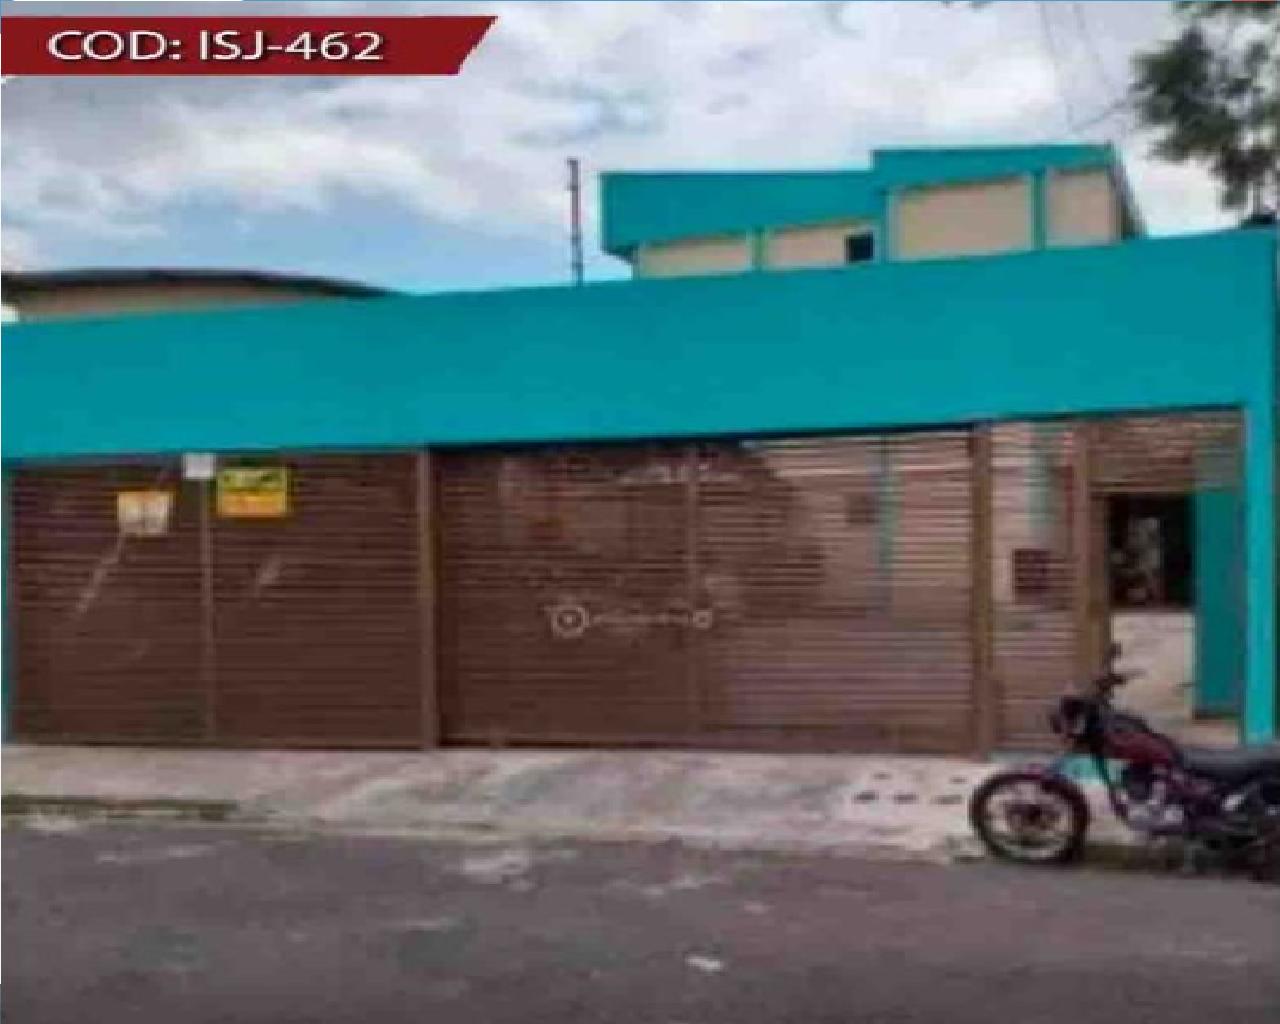 ALQUILER DE APTO AMUEBLADO, SAN JOSE, ROHMOSER Código. 1974443